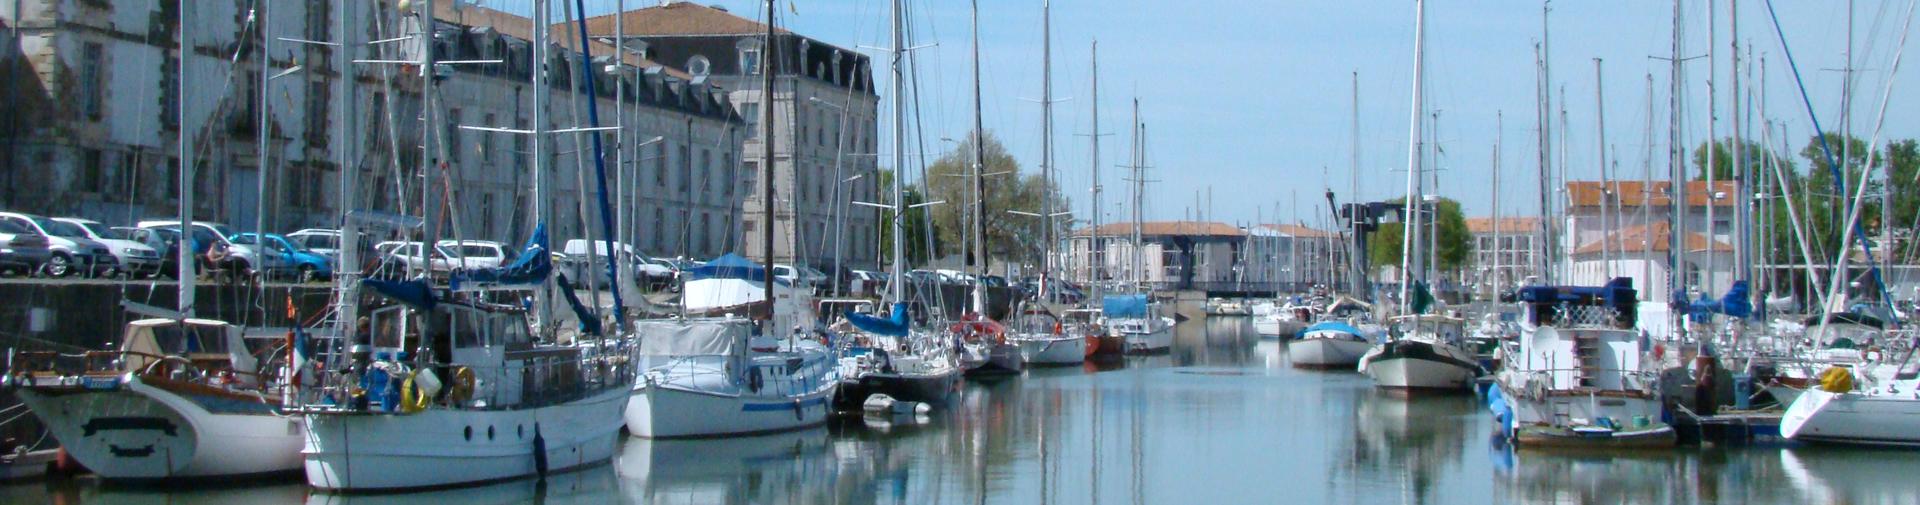 port-de-plaisance-rochefort-cmt17-e-coeffe